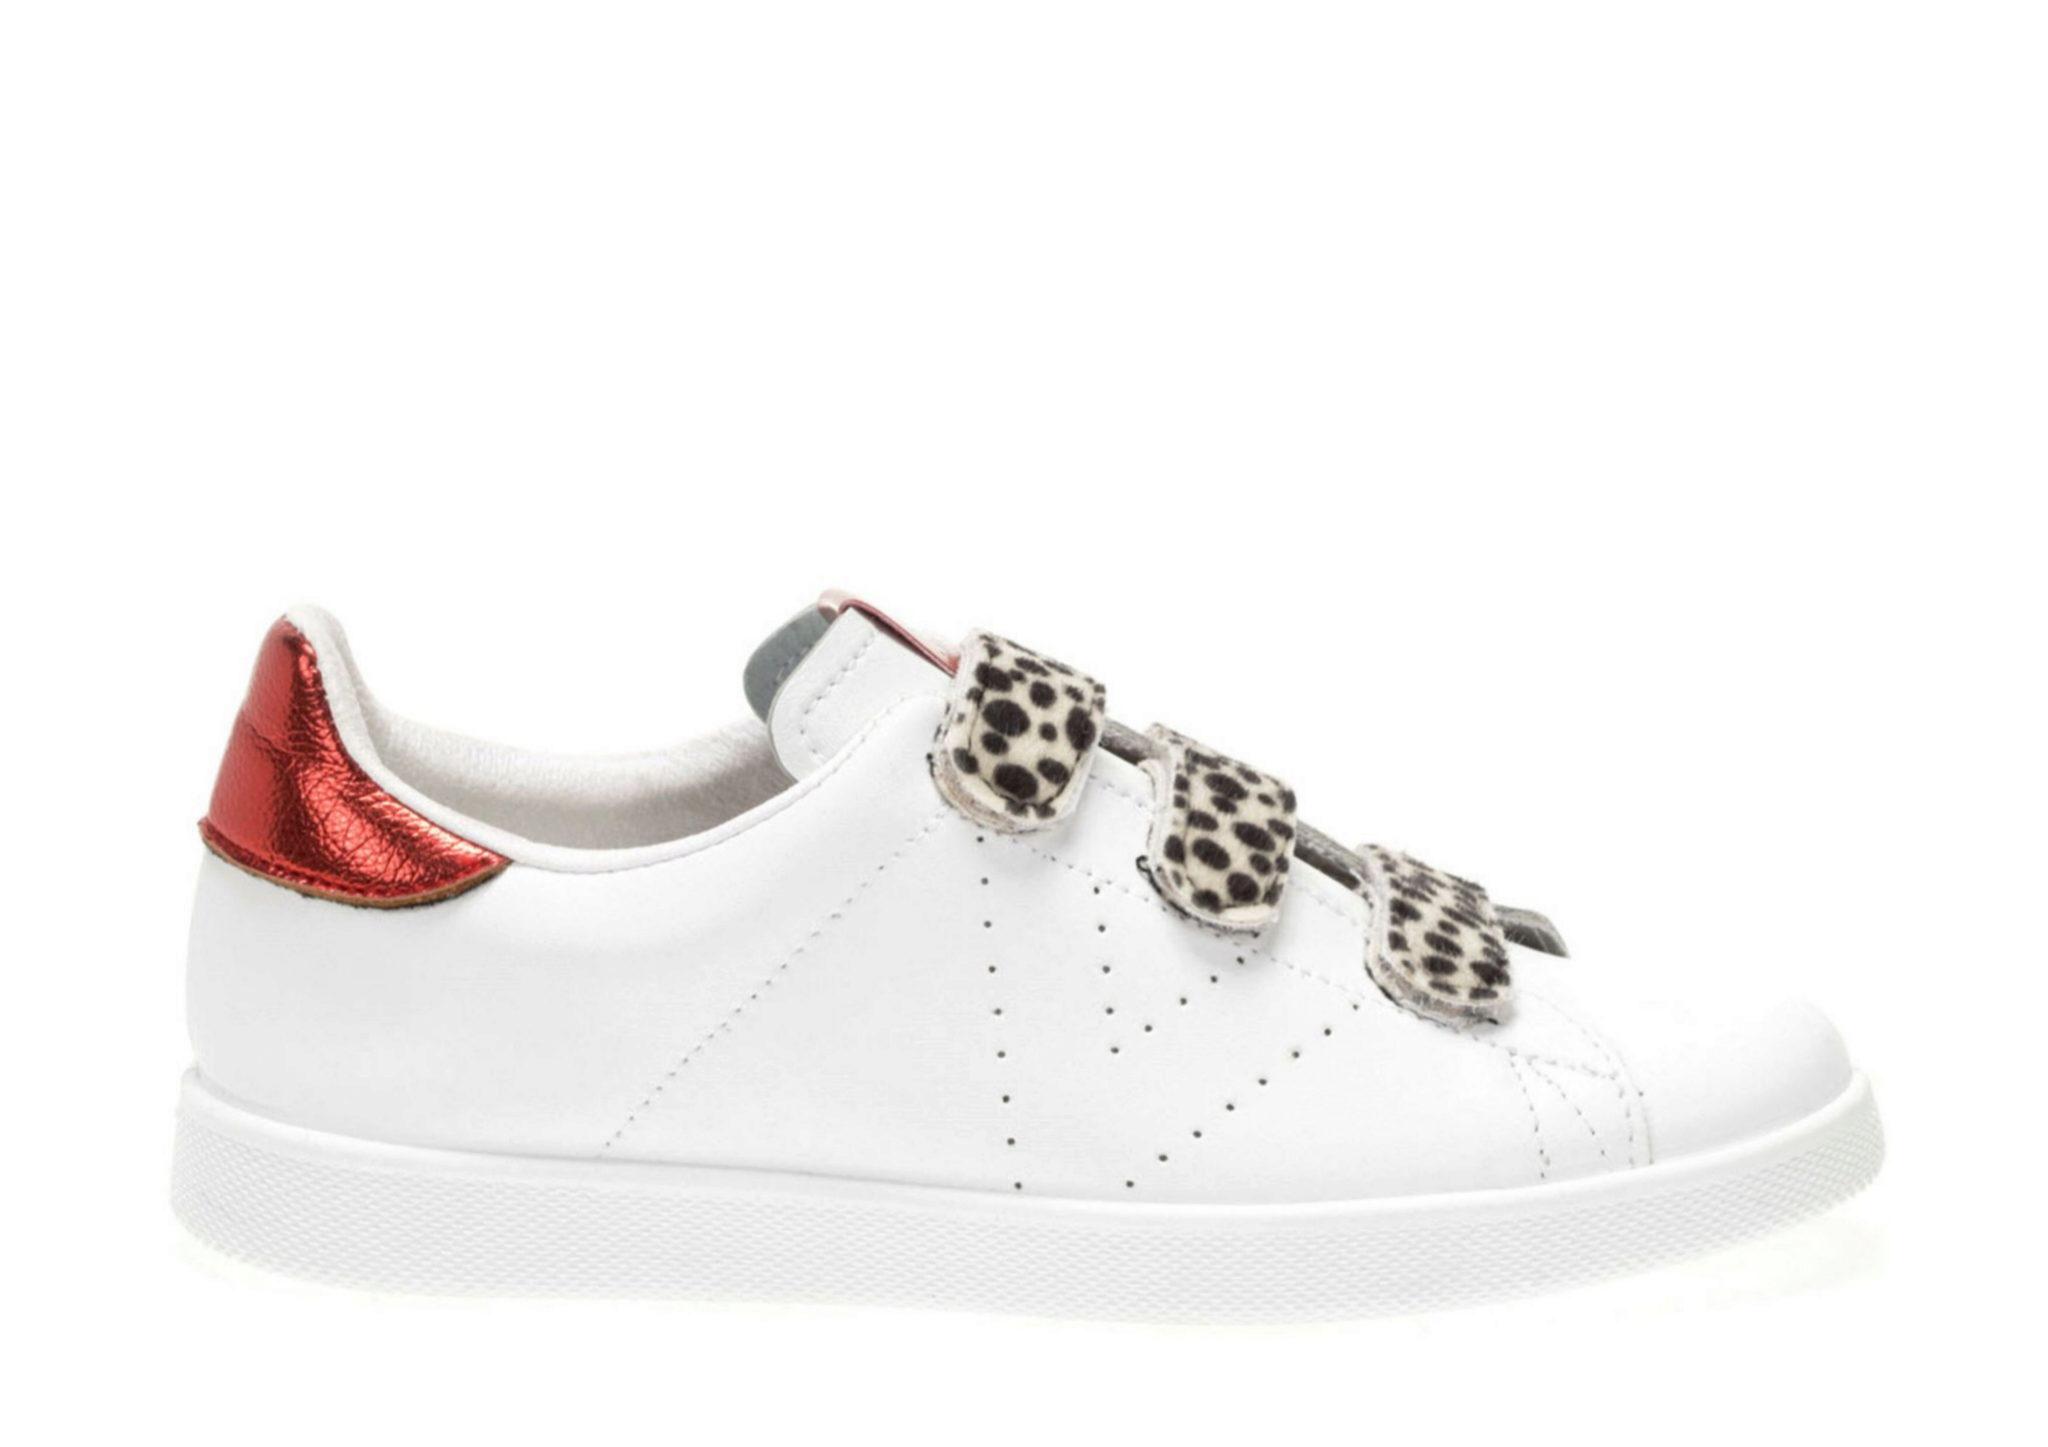 Zapatillas de velcro con detalles de leopardo de Victoria